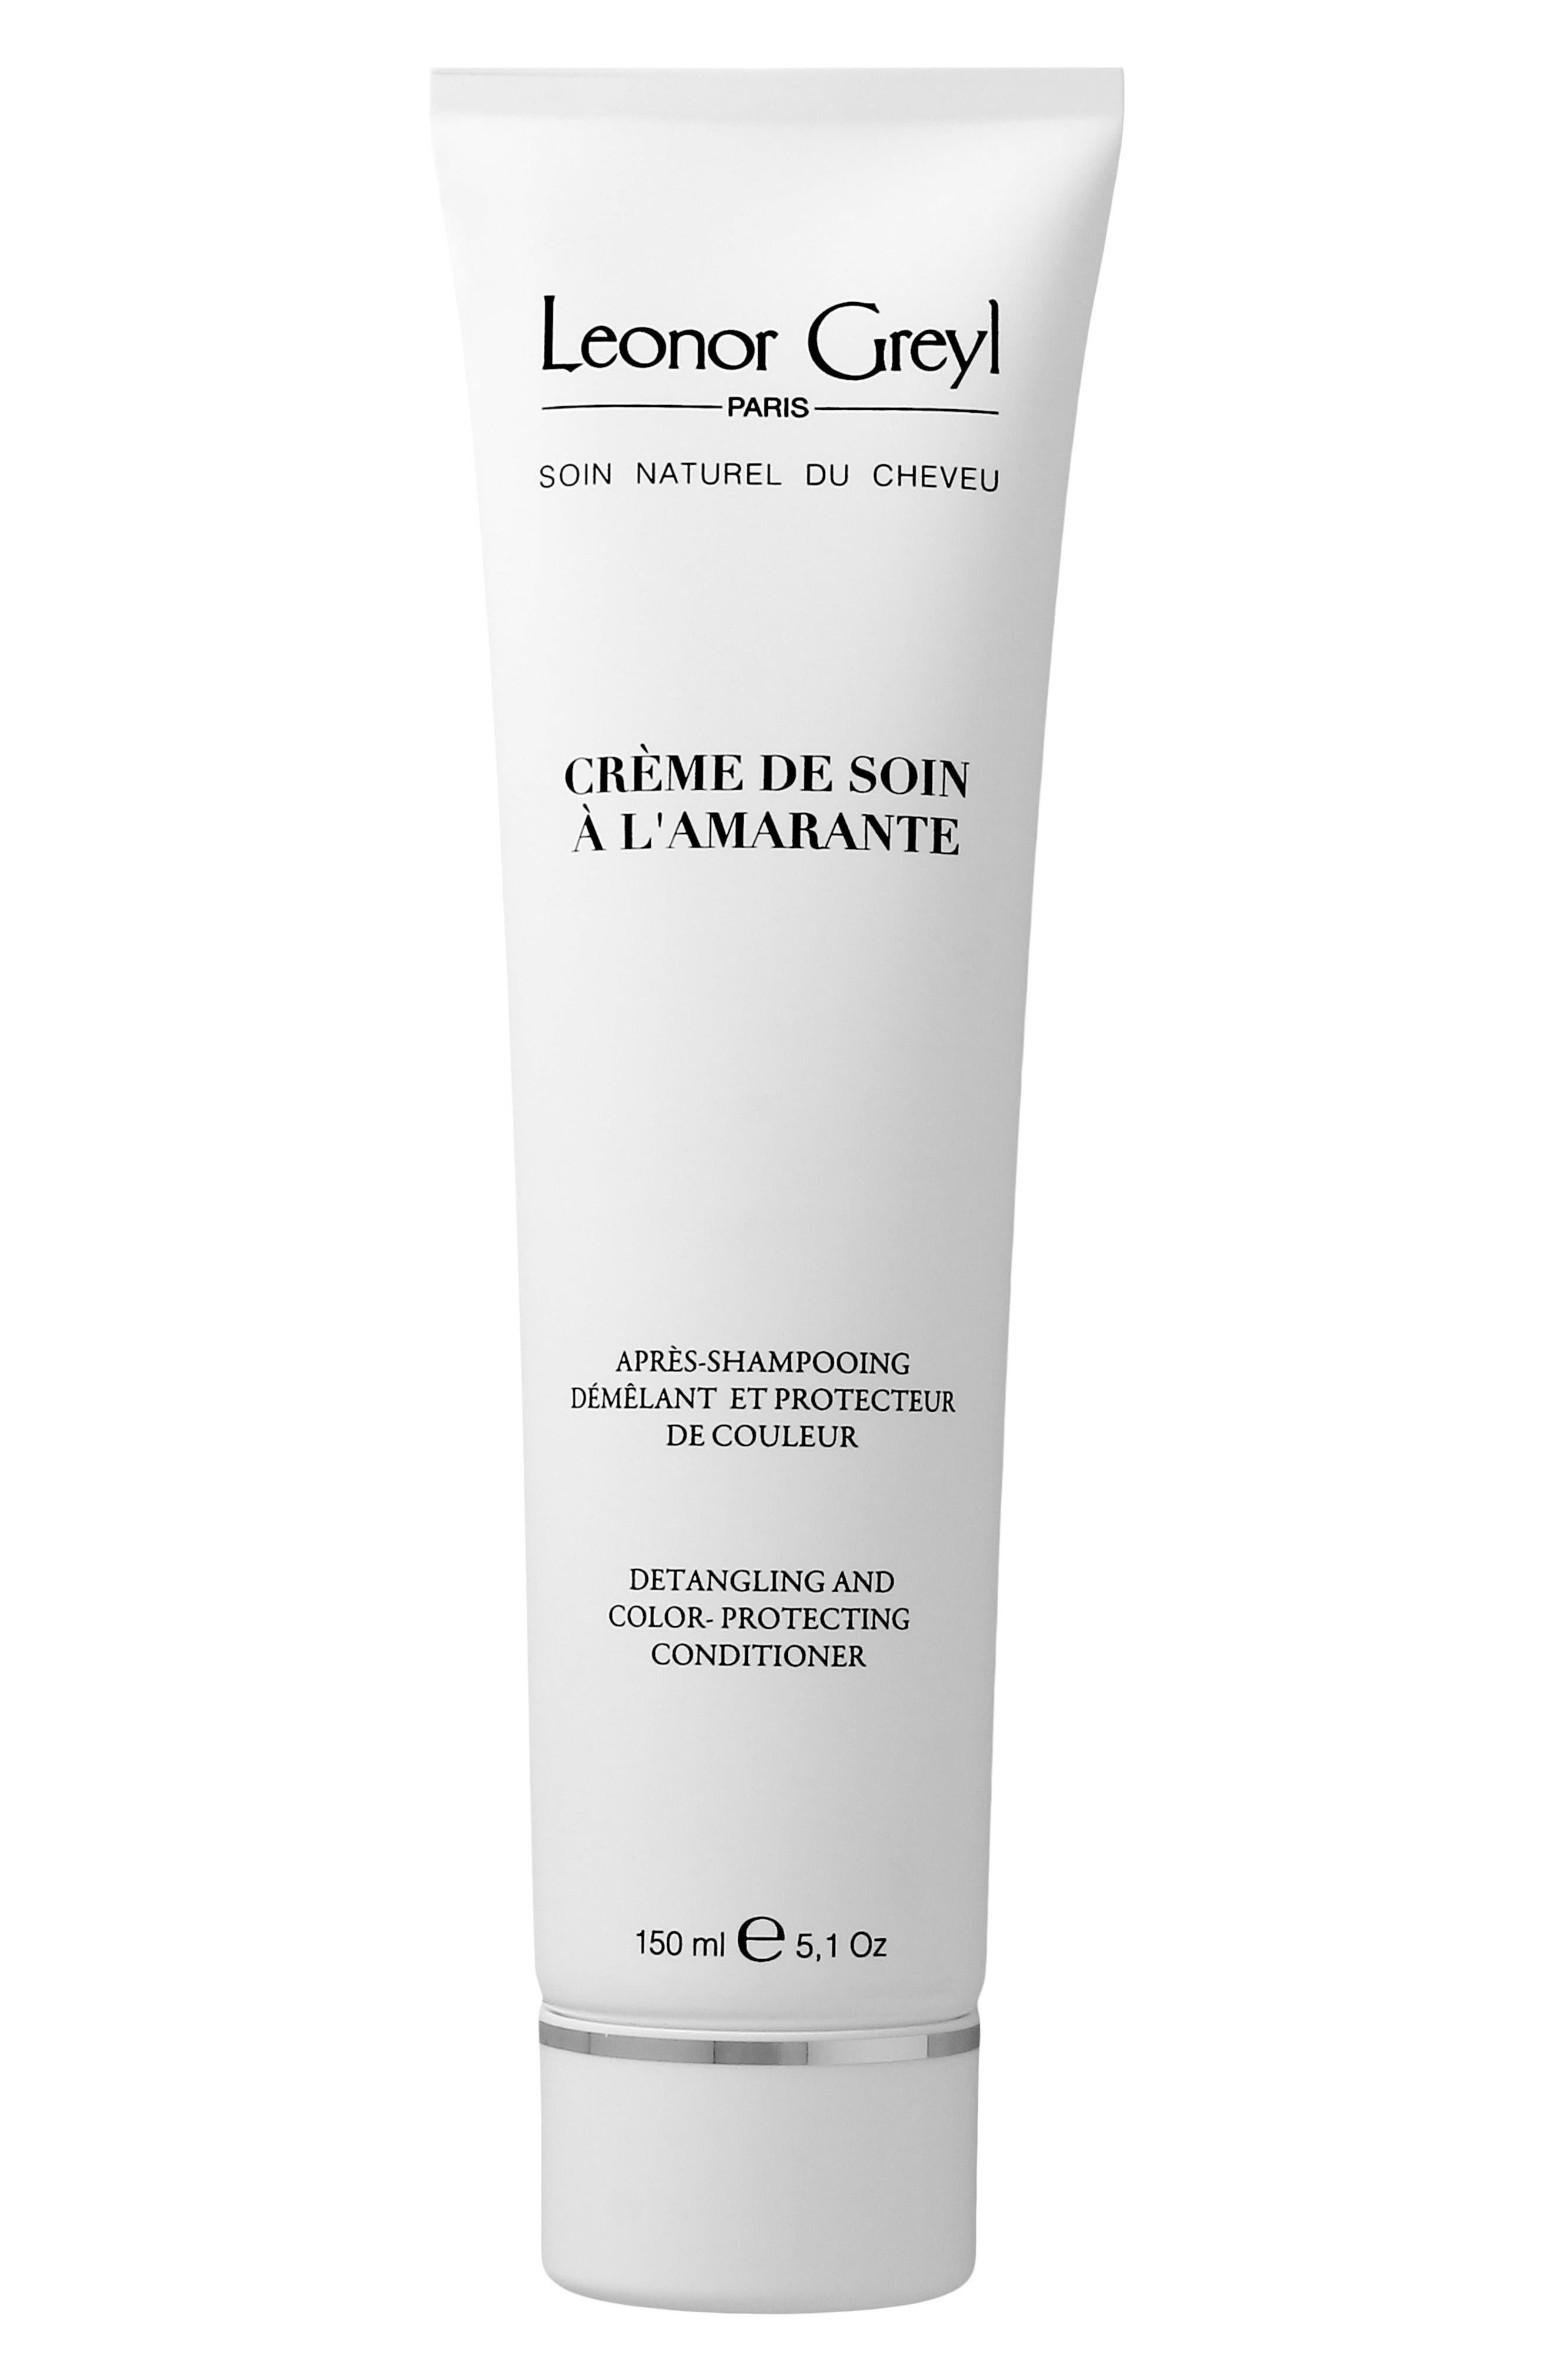 LEONOR GREYL PARIS Crème de Soin a l'Amarante Conditioner, Main, color, NO COLOR